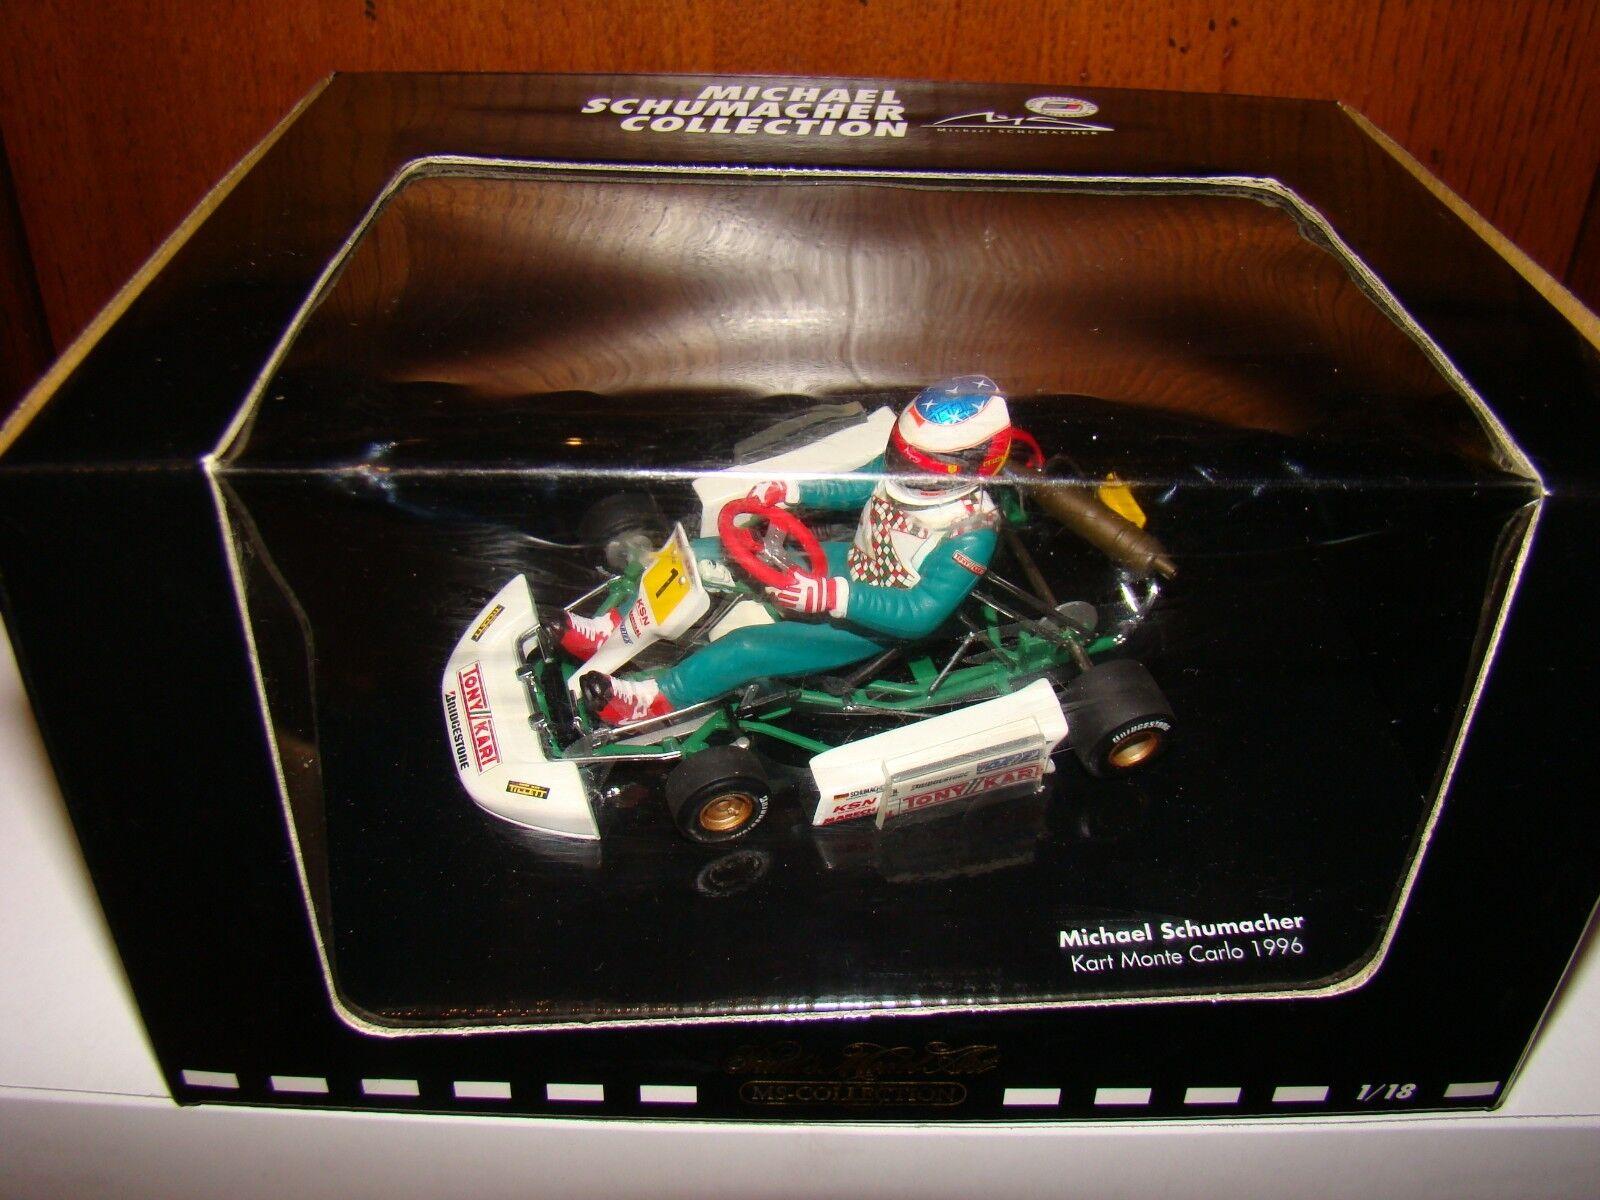 M.SCHUMACHER GO KART MONTE CARLO 1996 1/18 1/18 1/18 EME SUPERBE ET TRES RARE SOLD OUT | Une Bonne Conservation De La Chaleur  | Insolite  | Emballage Solide  8561b3